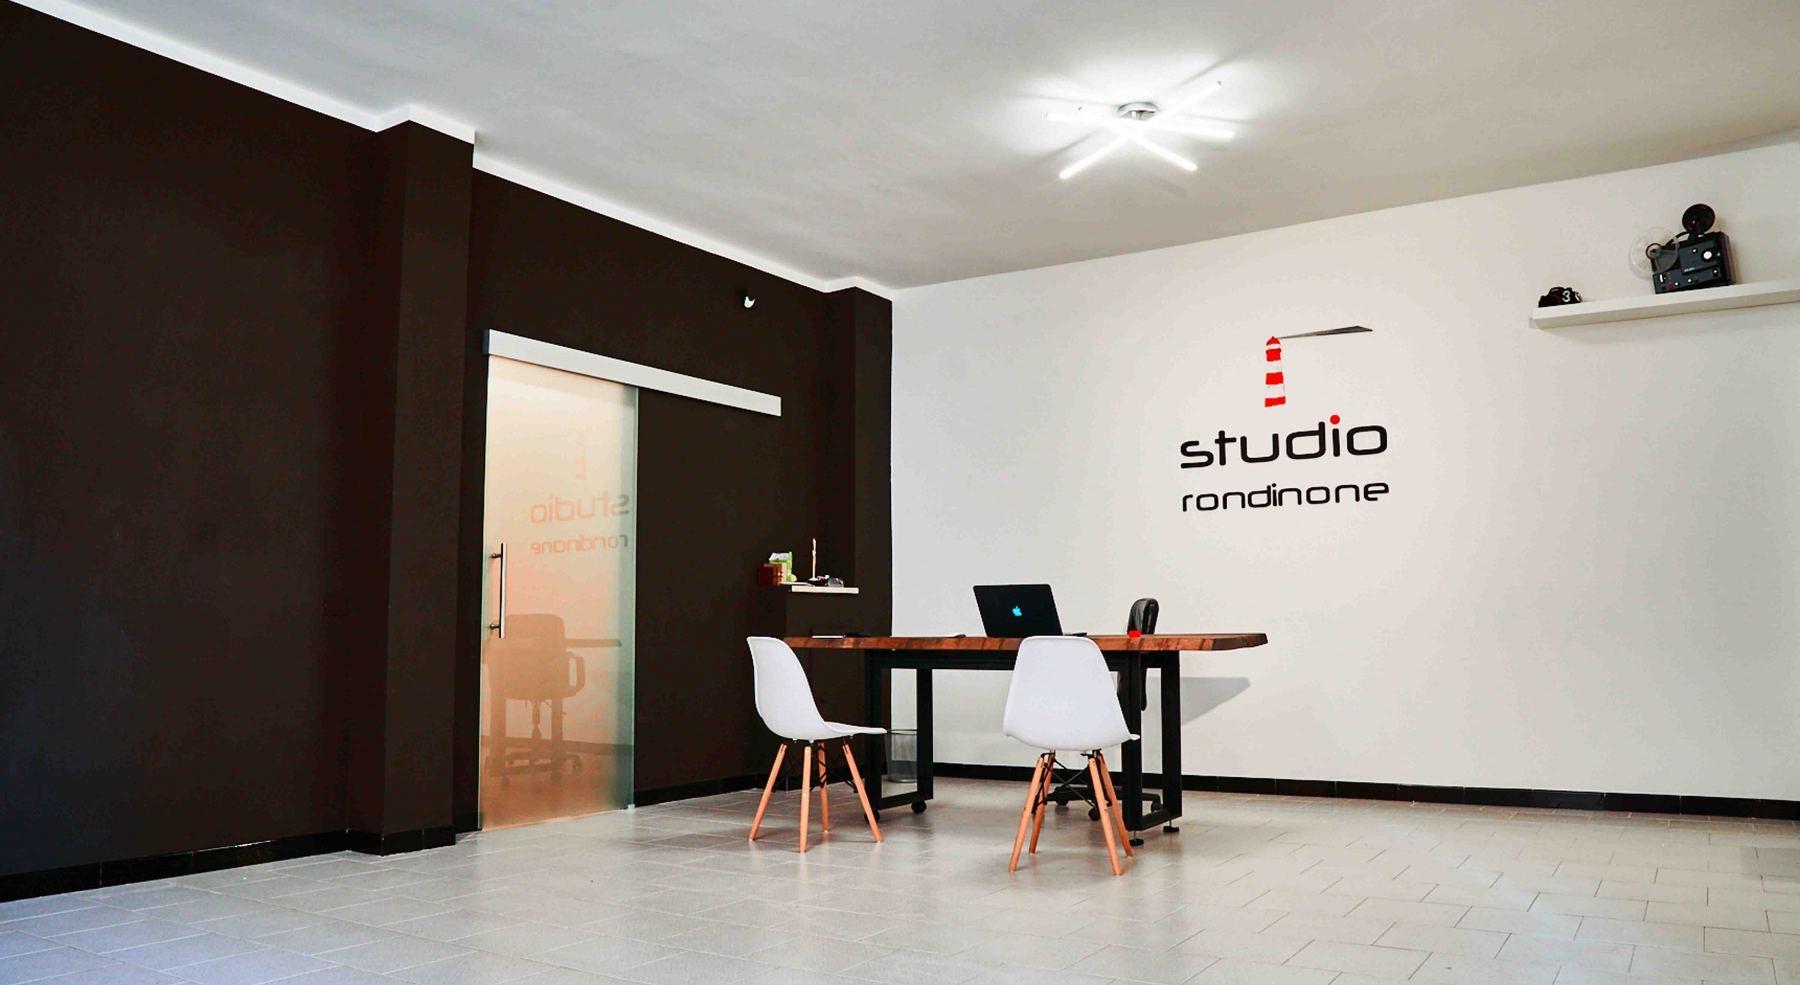 Studio-rondinone-tavolo-web